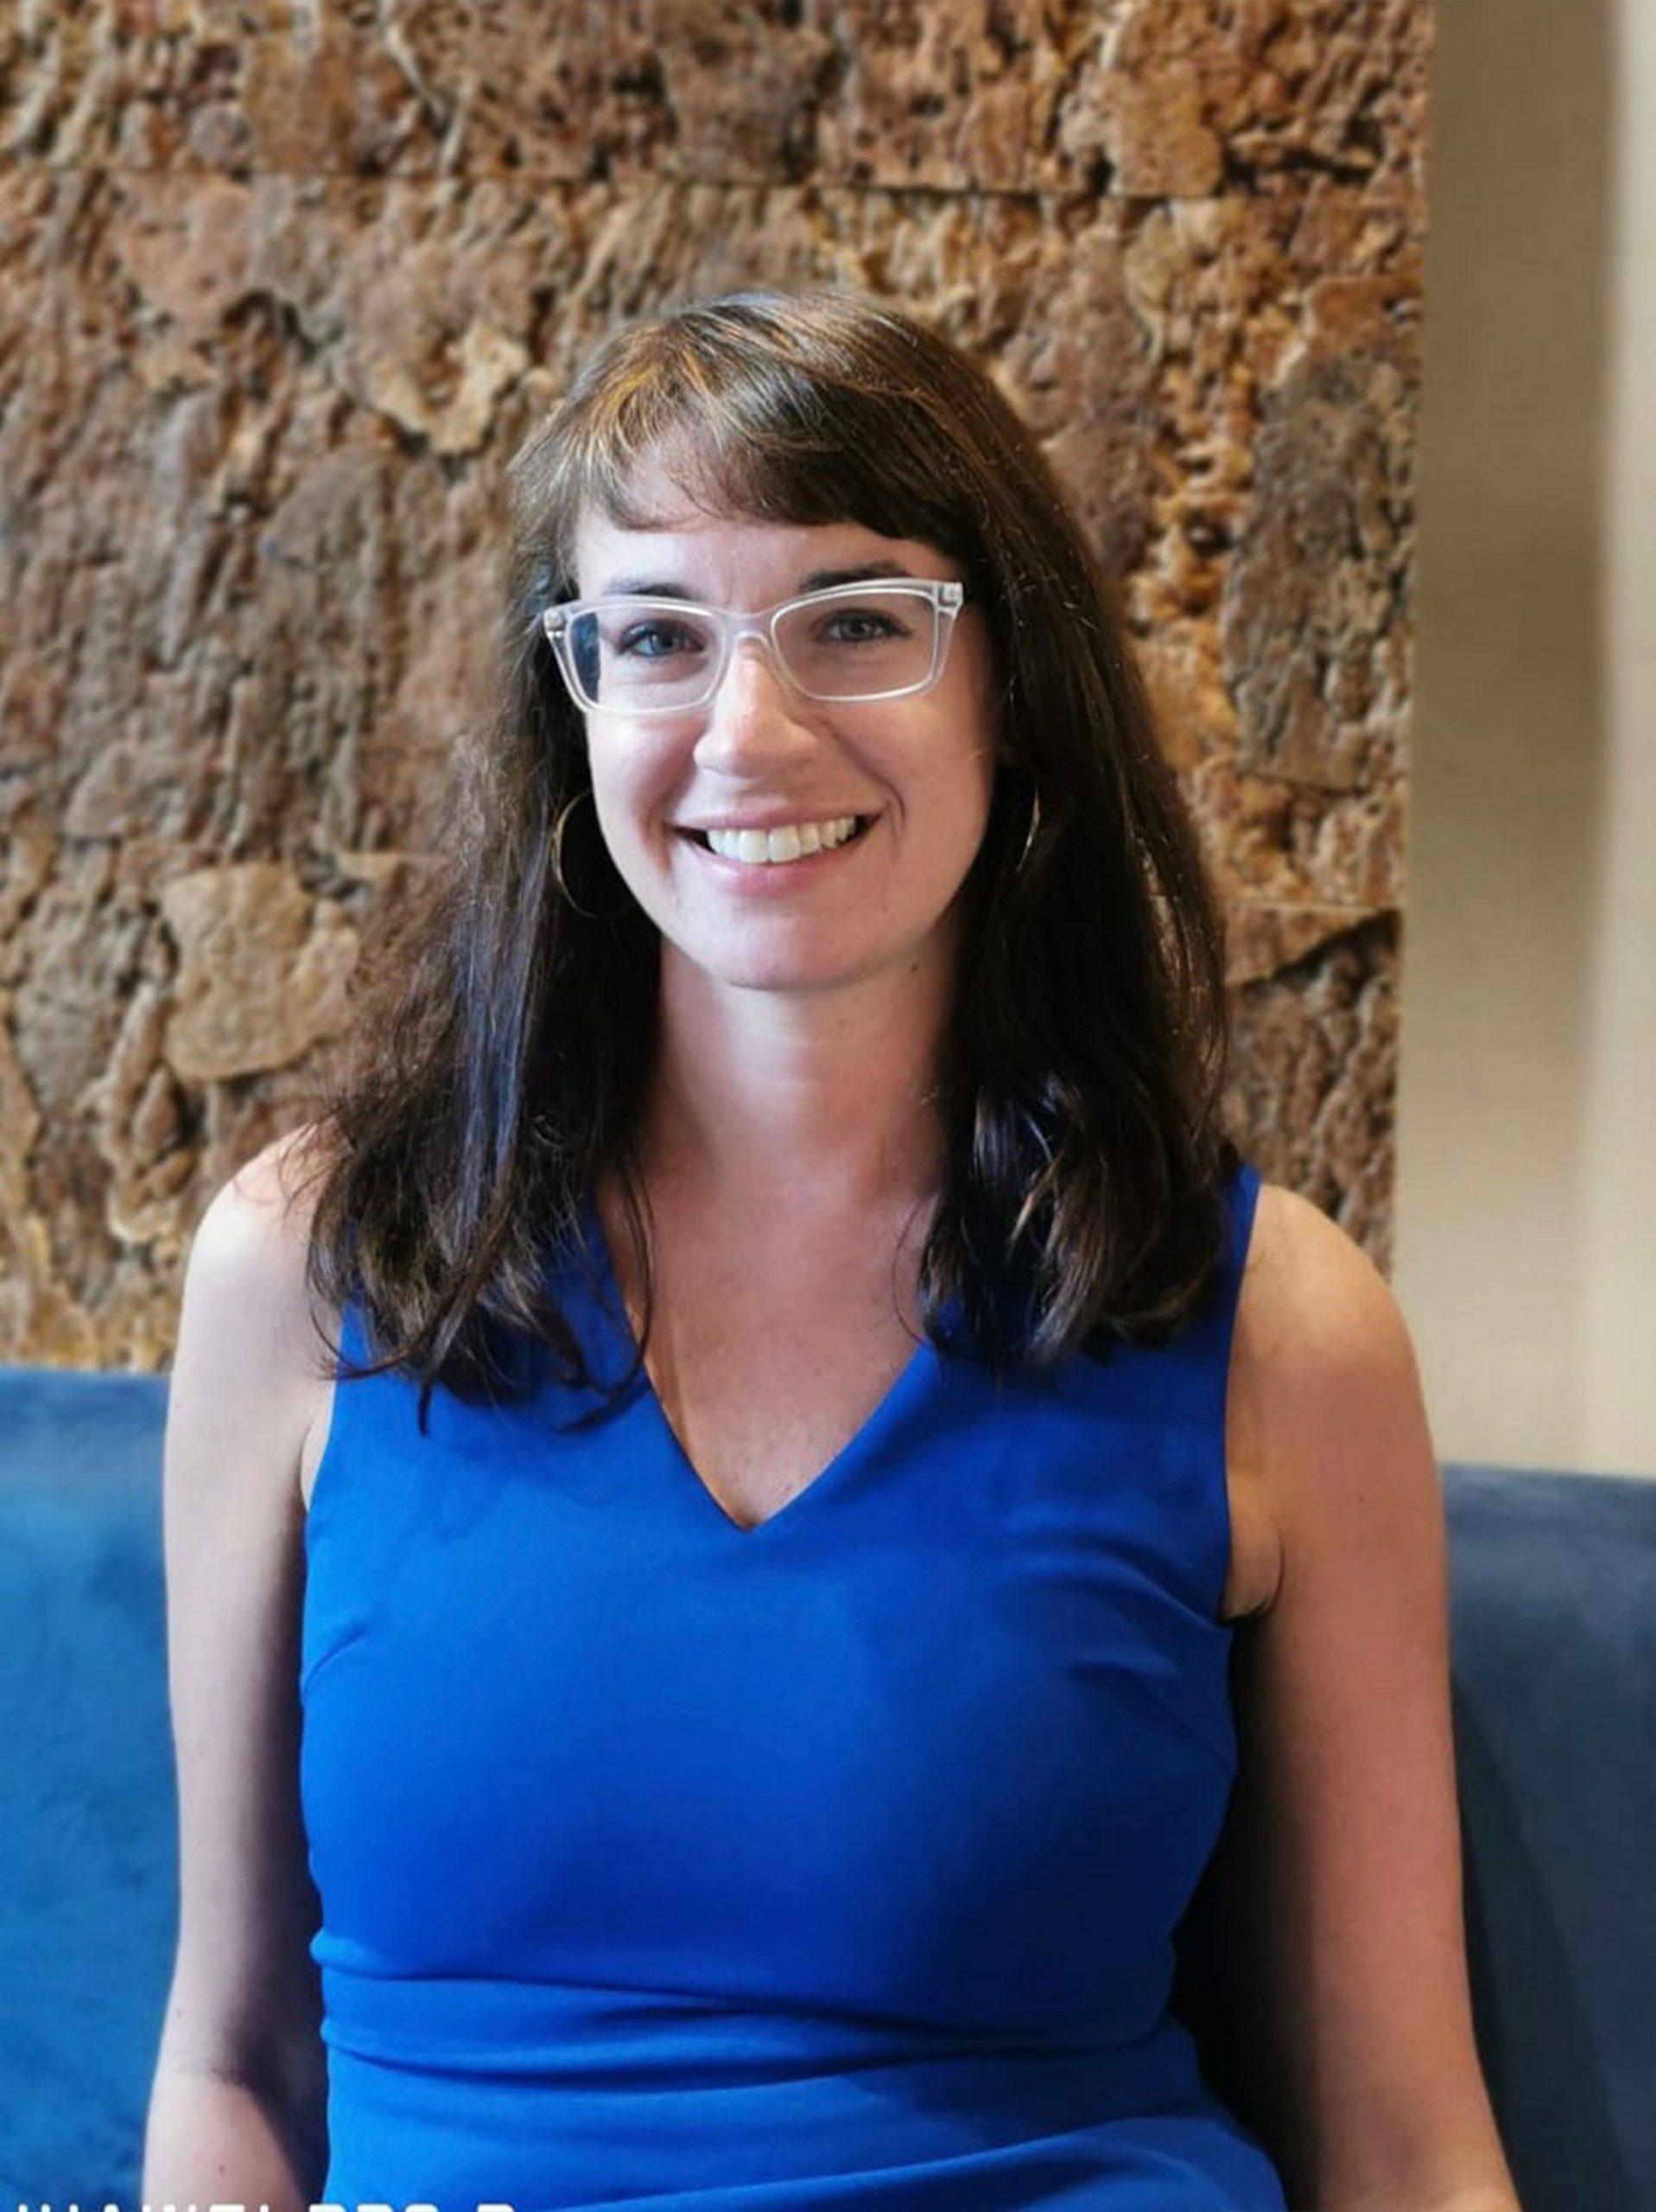 Nicole Kligerman